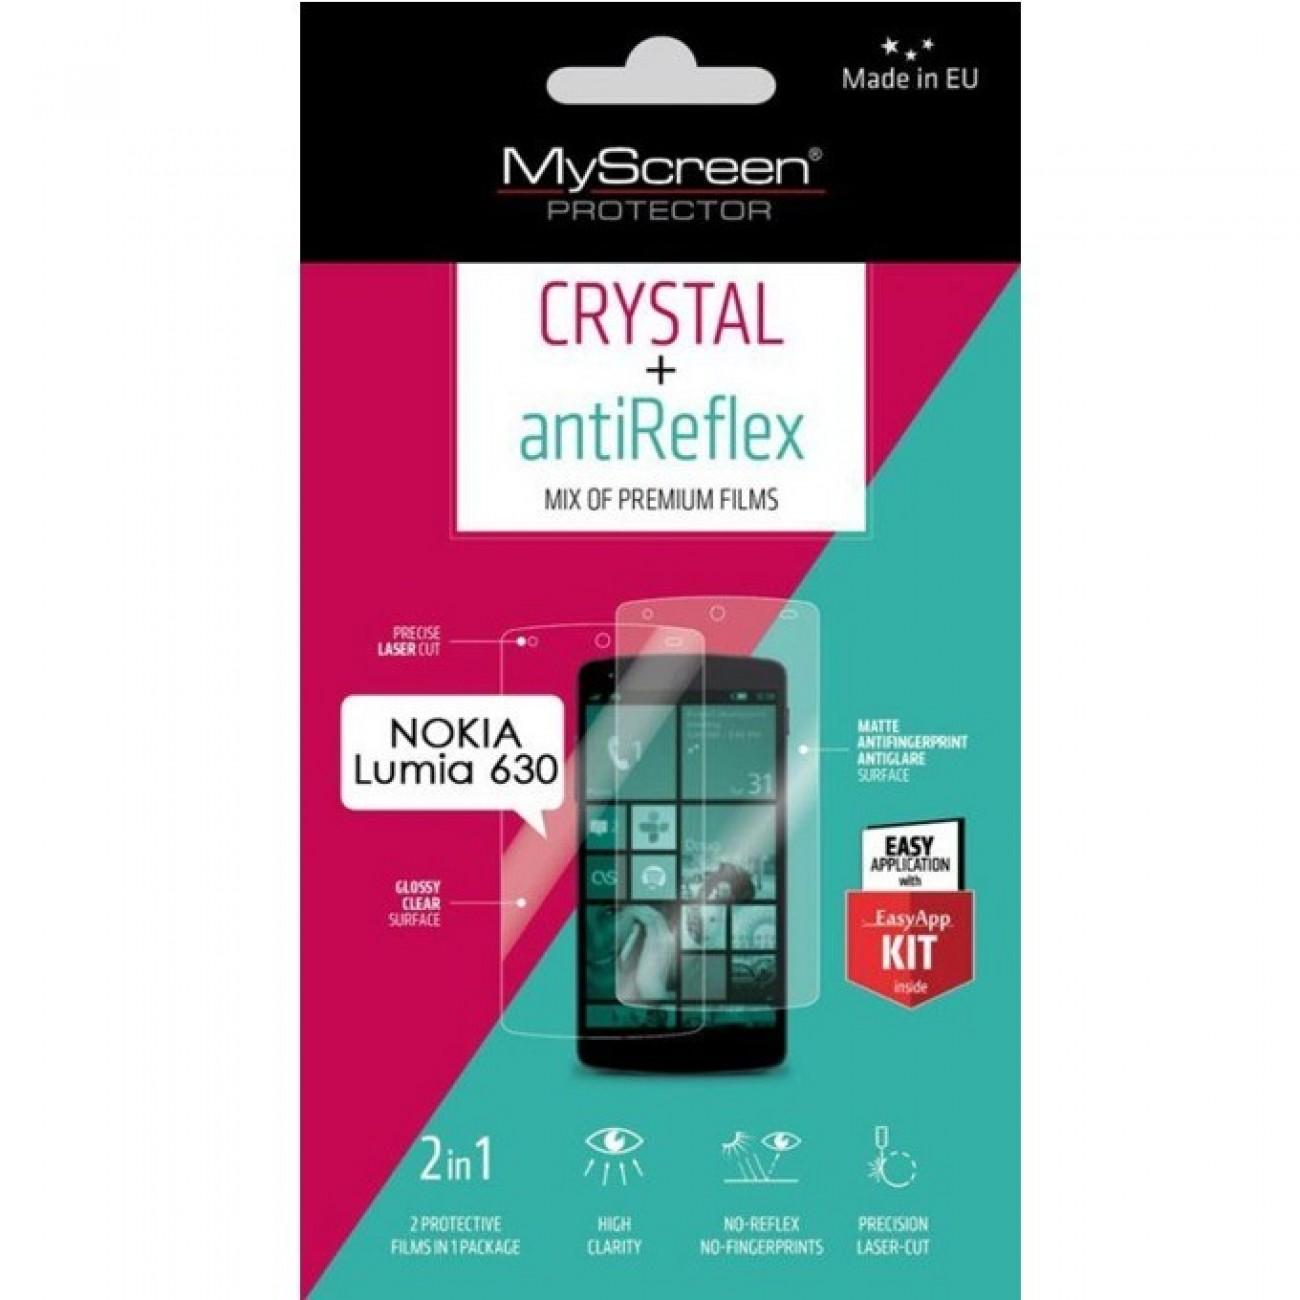 Протектор от закалено стъкло /Tempered Glass/, My Screen Protector, за Nokia Lumia 630, с Anti-Glare фолио в Защитно фолио - My Screen Protector   Alleop